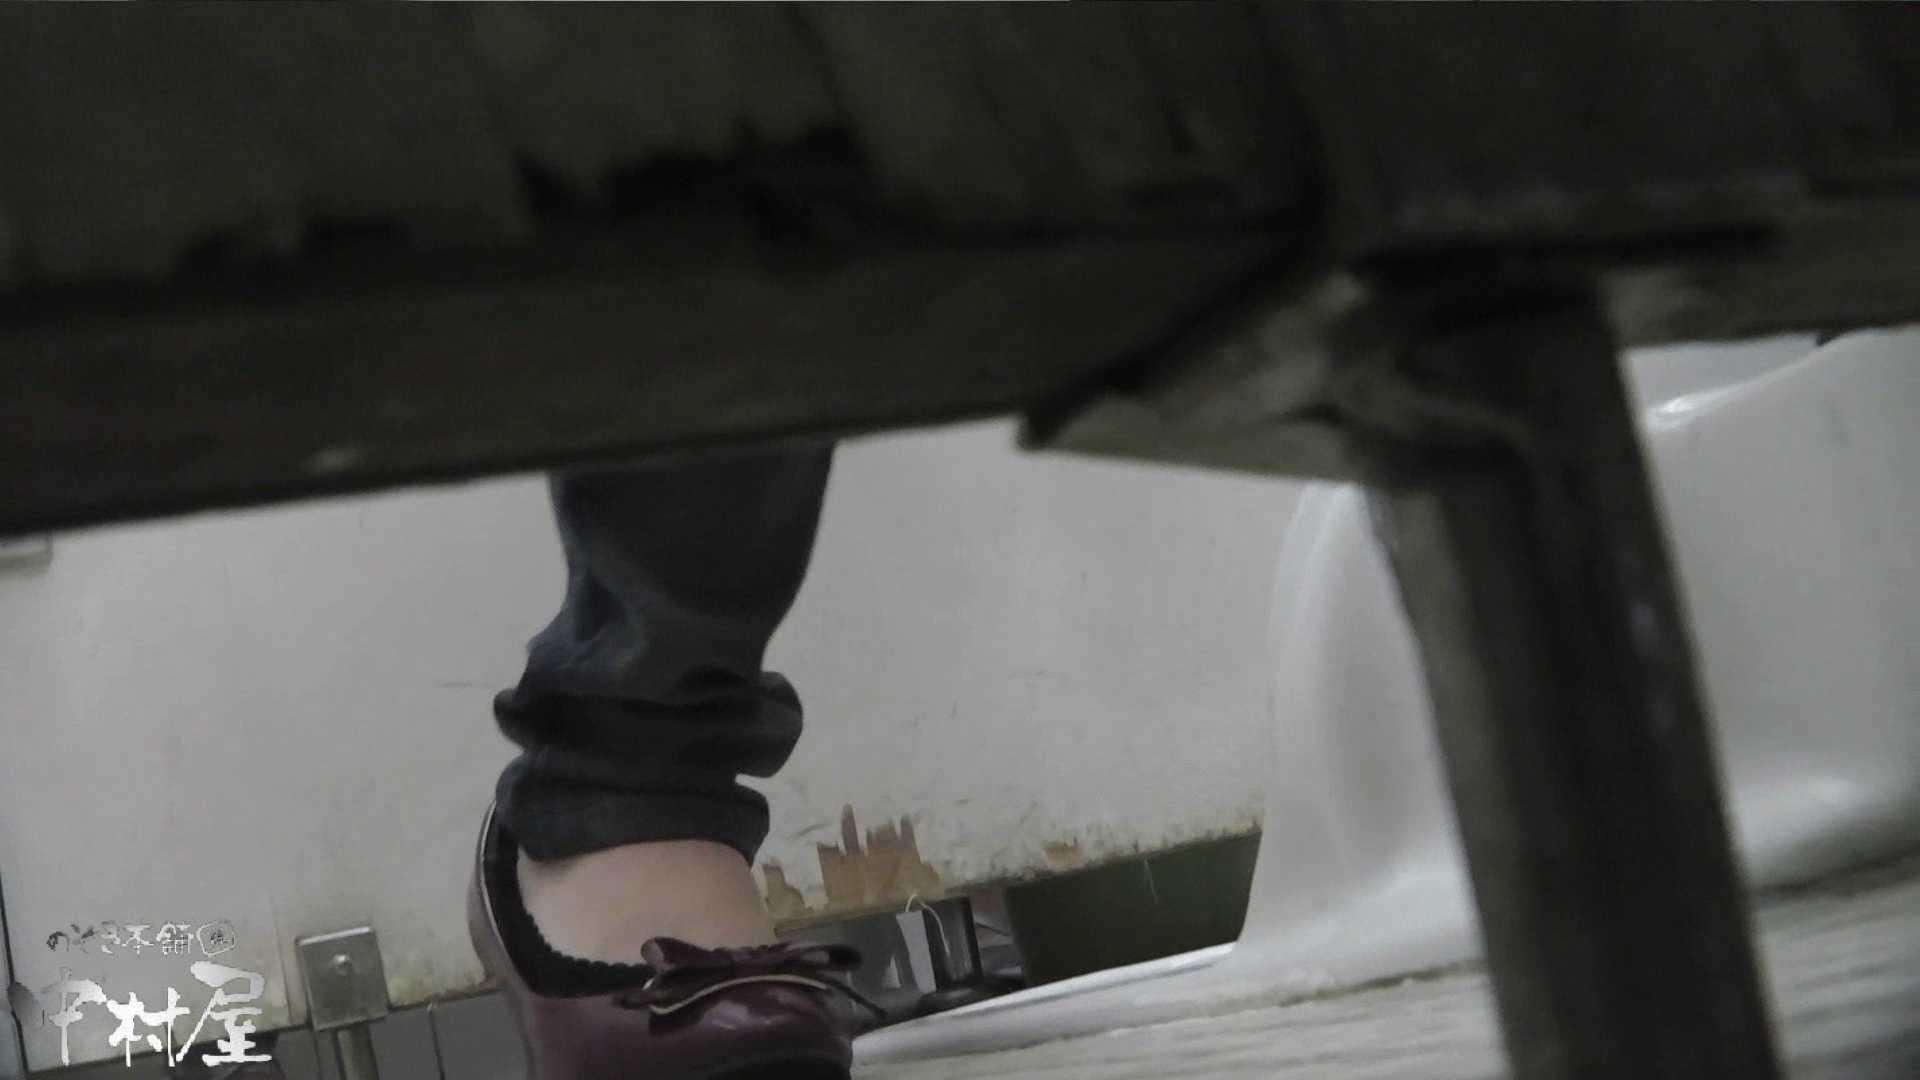 vol.14 命がけ潜伏洗面所! 色白ネーチャンヒクヒク! 潜入 | プライベート  93連発 69